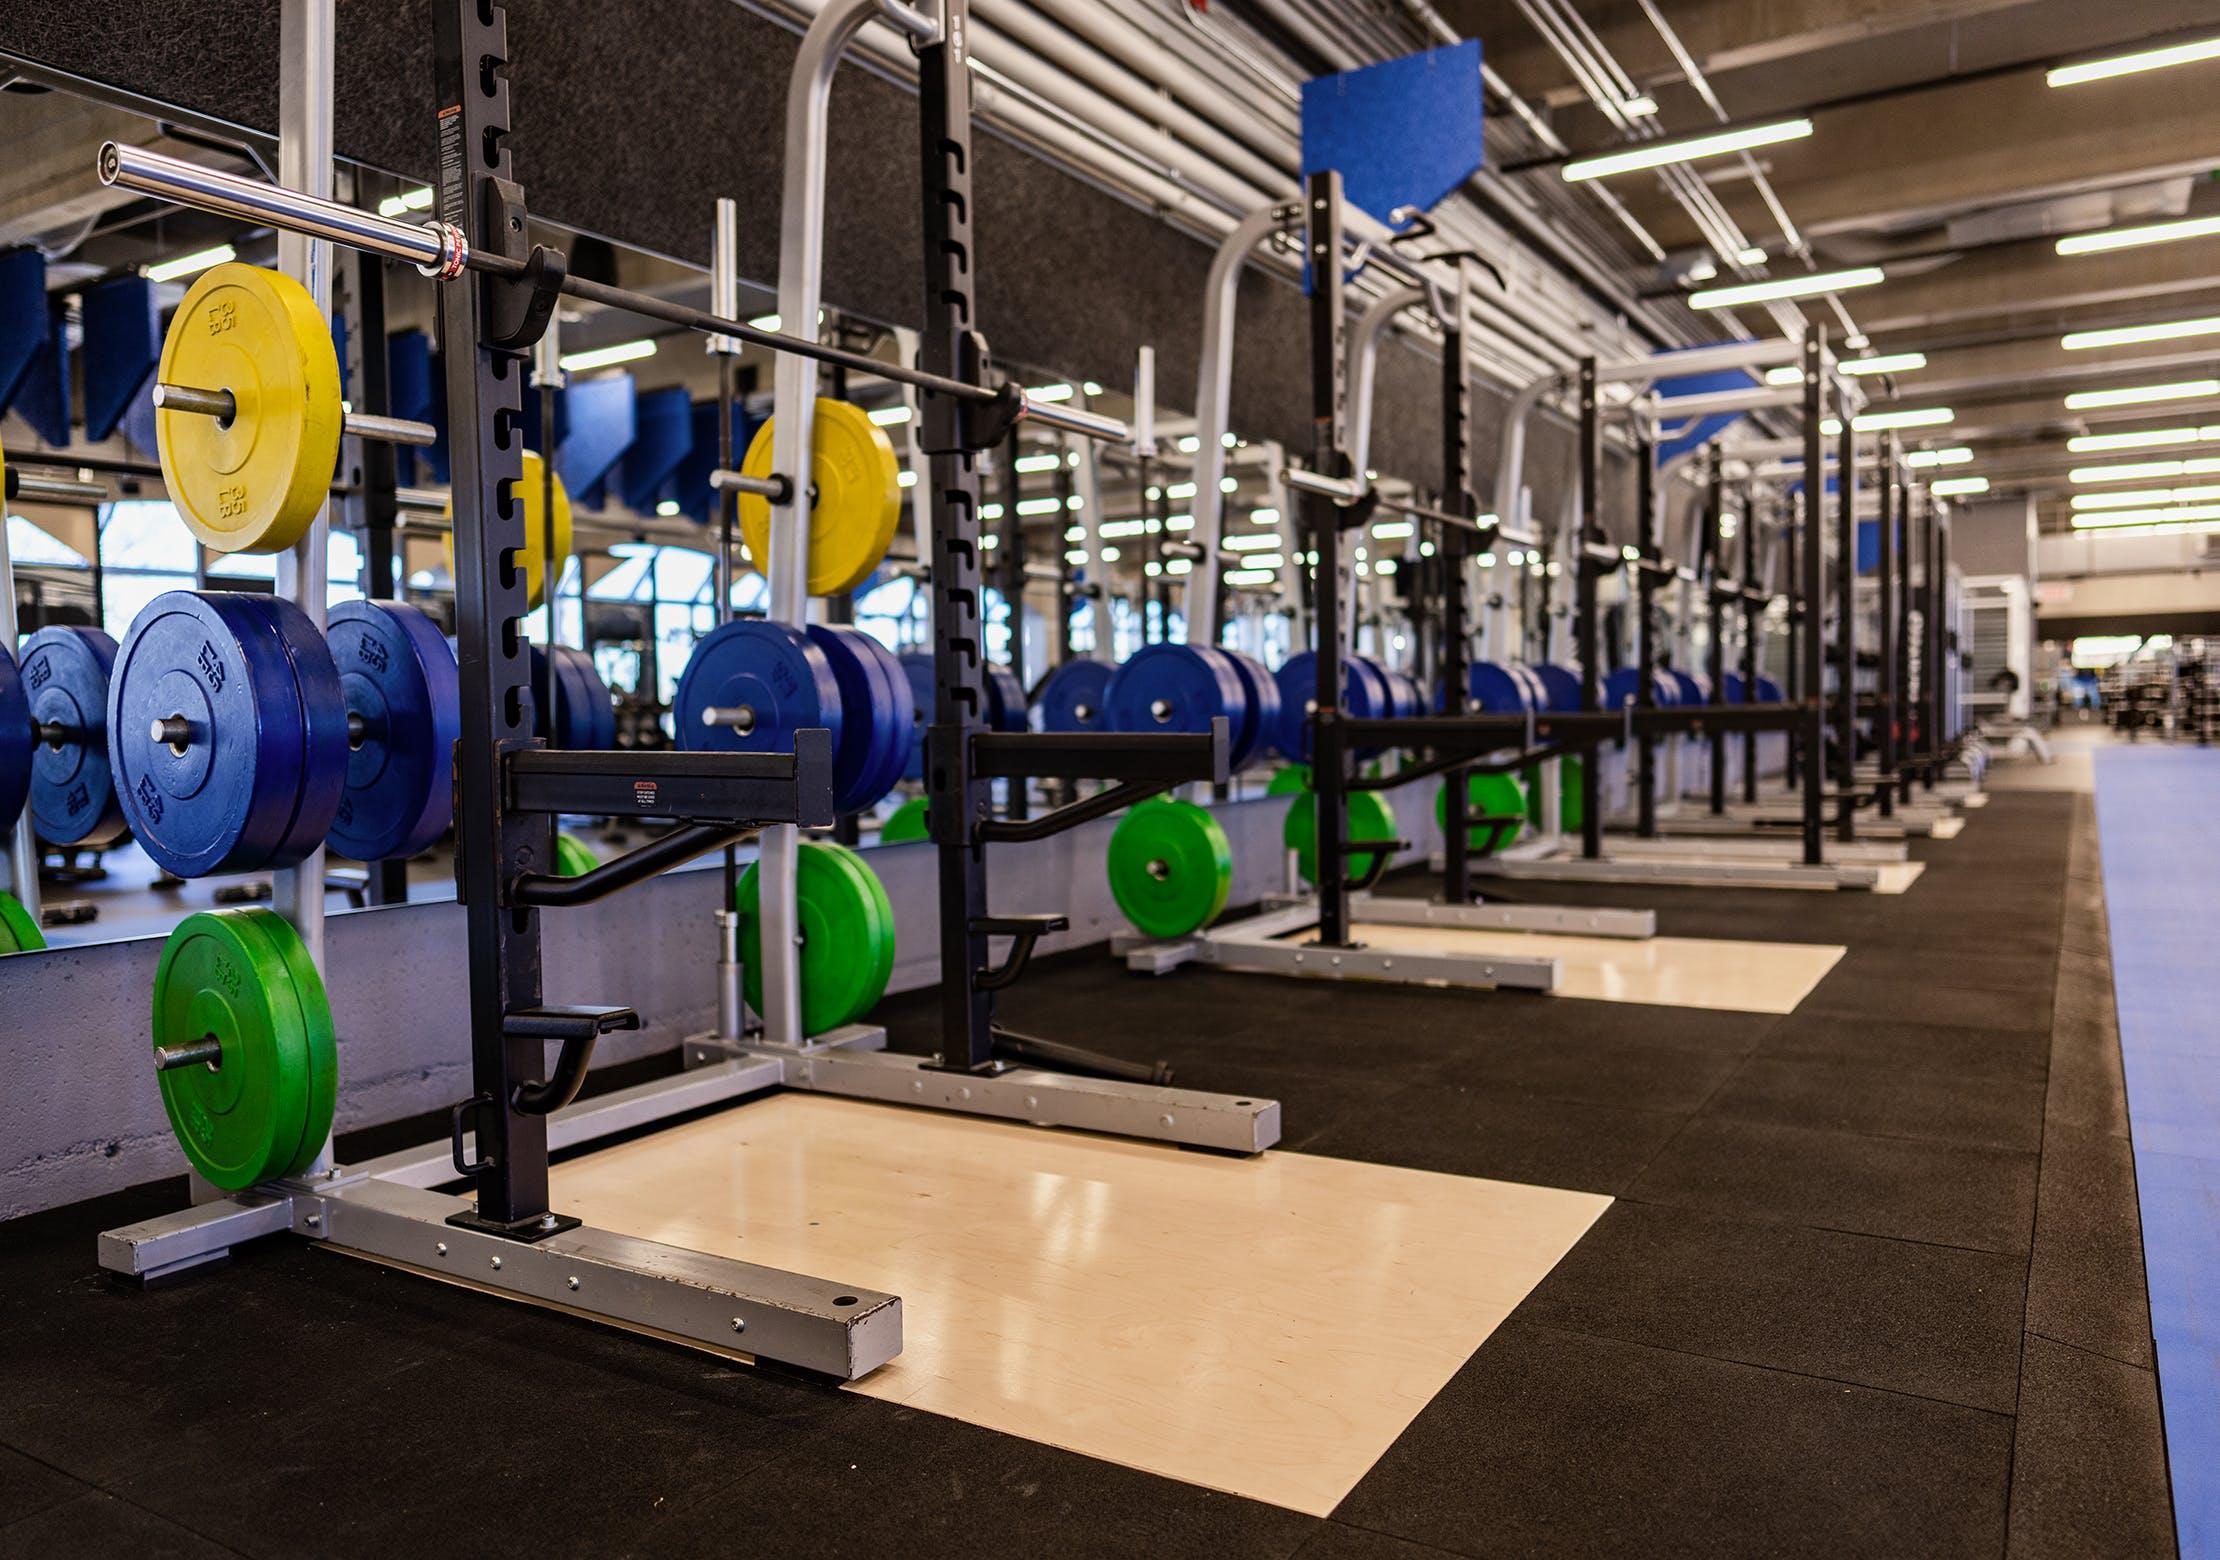 Salle d'entrainement - Zone poids et liftings | CEPSUM